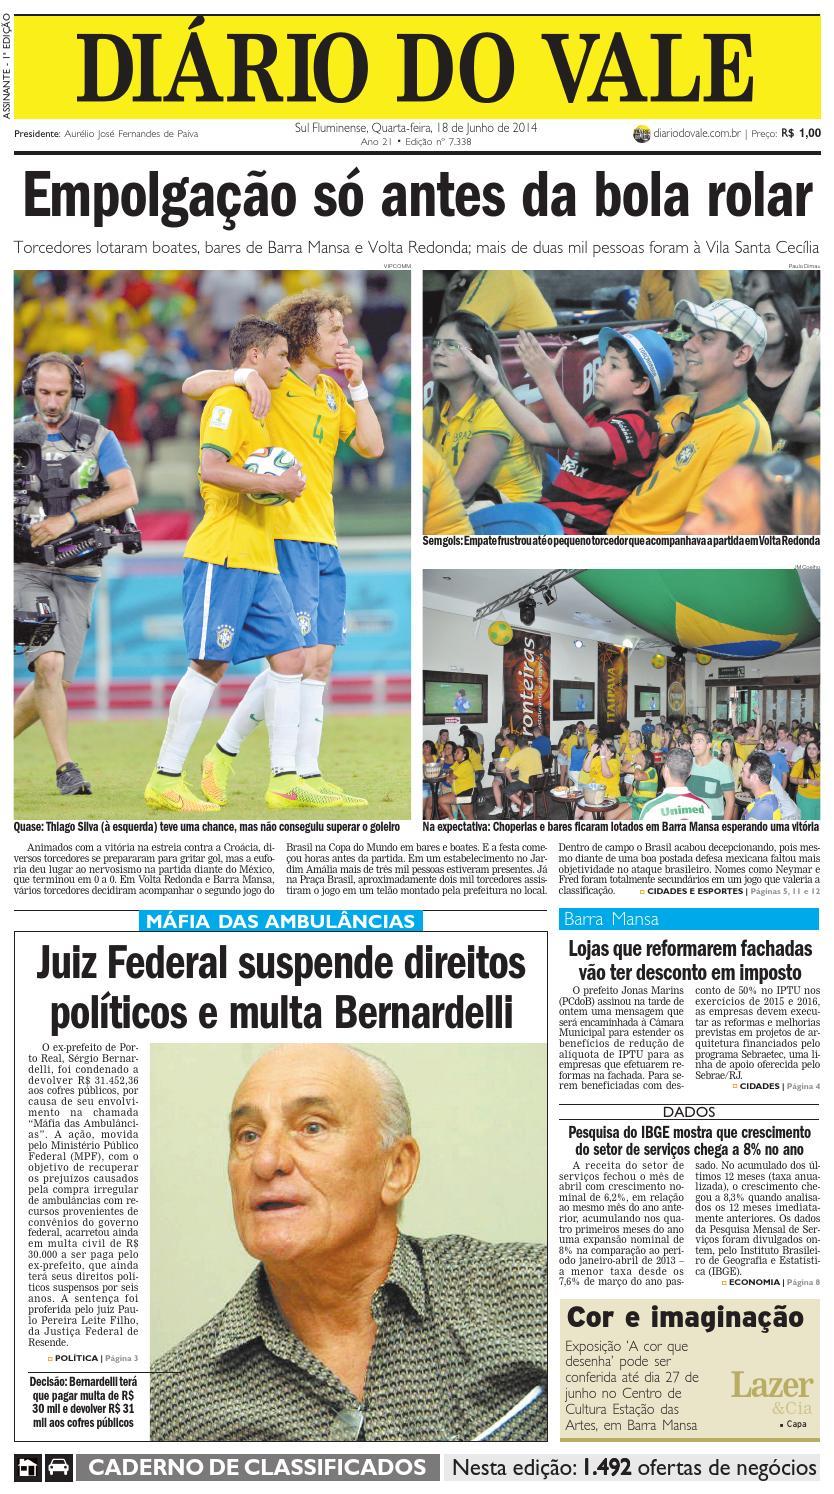 7338 diario quarta feira 18 06 2014 by Diário do Vale - issuu 664192c7ce